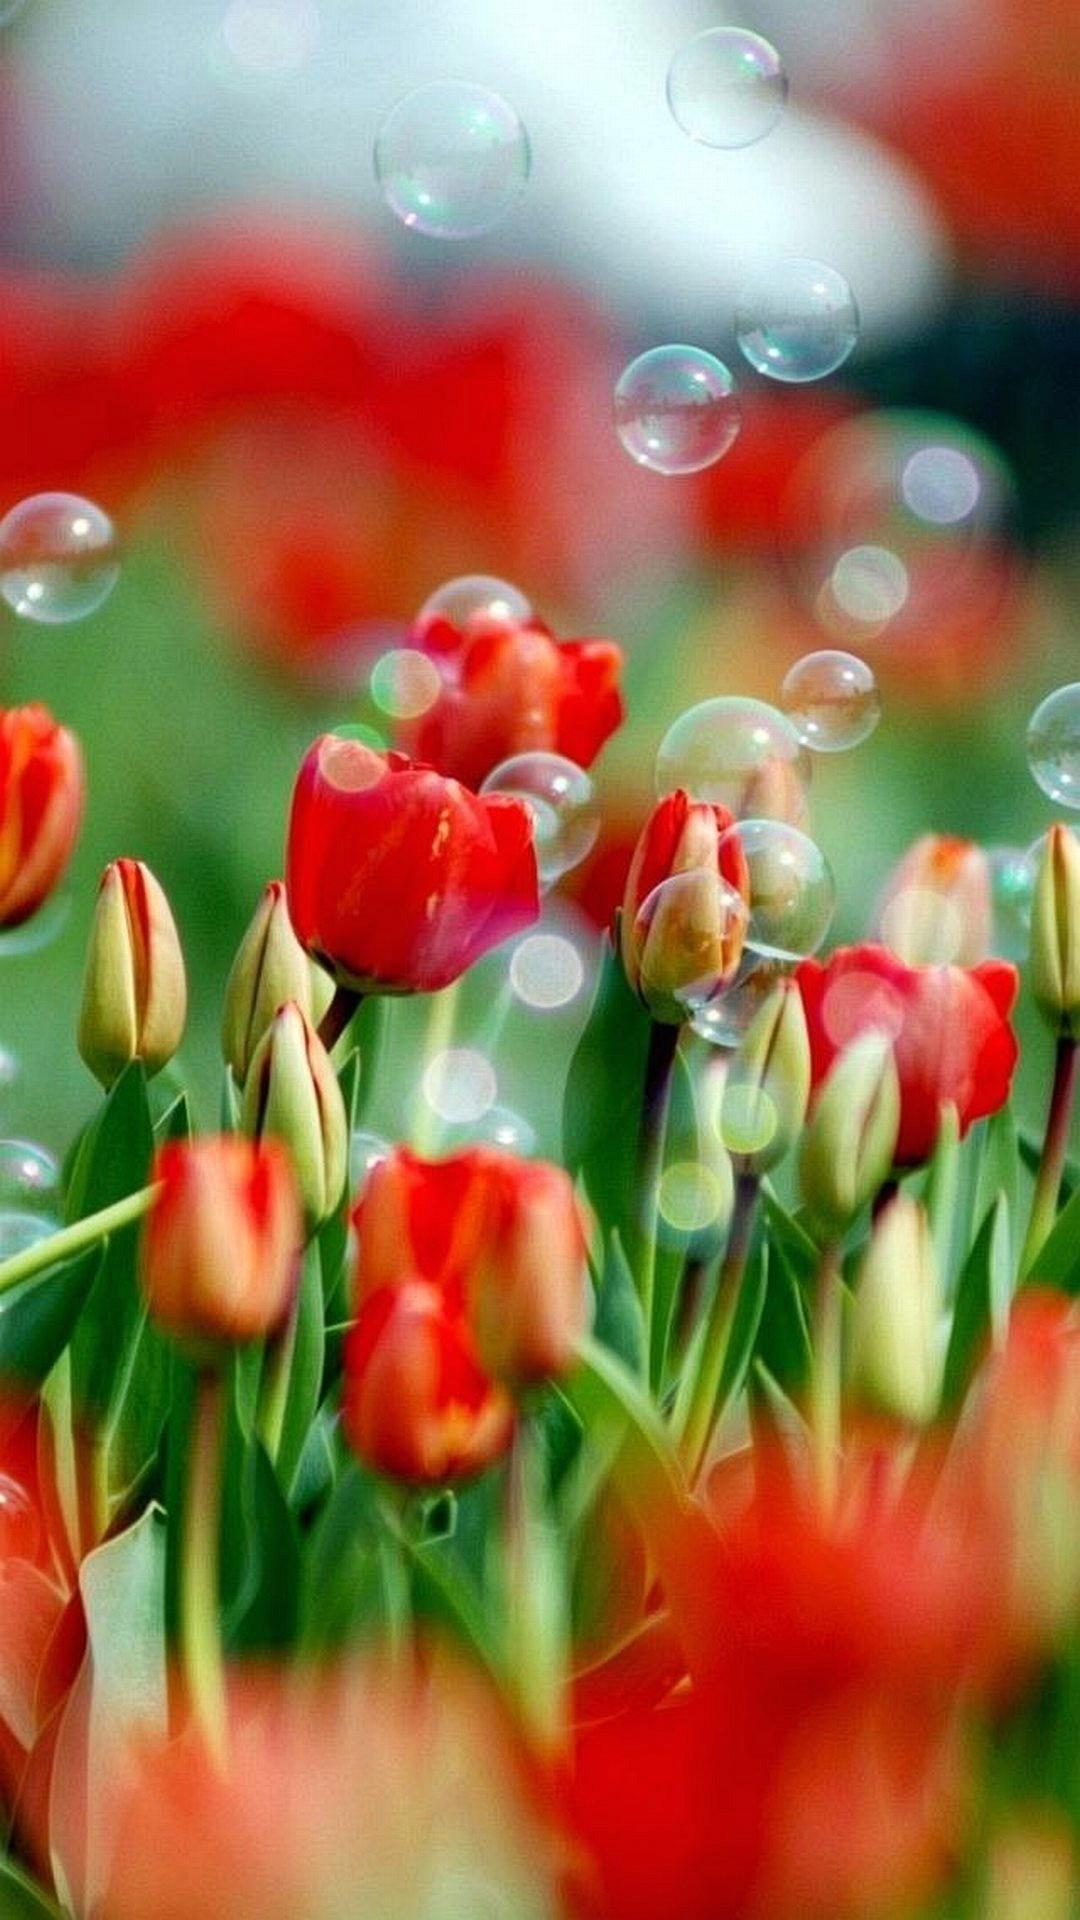 Sfondi hd fiori 70 immagini for Sfondi per cellulare samsung